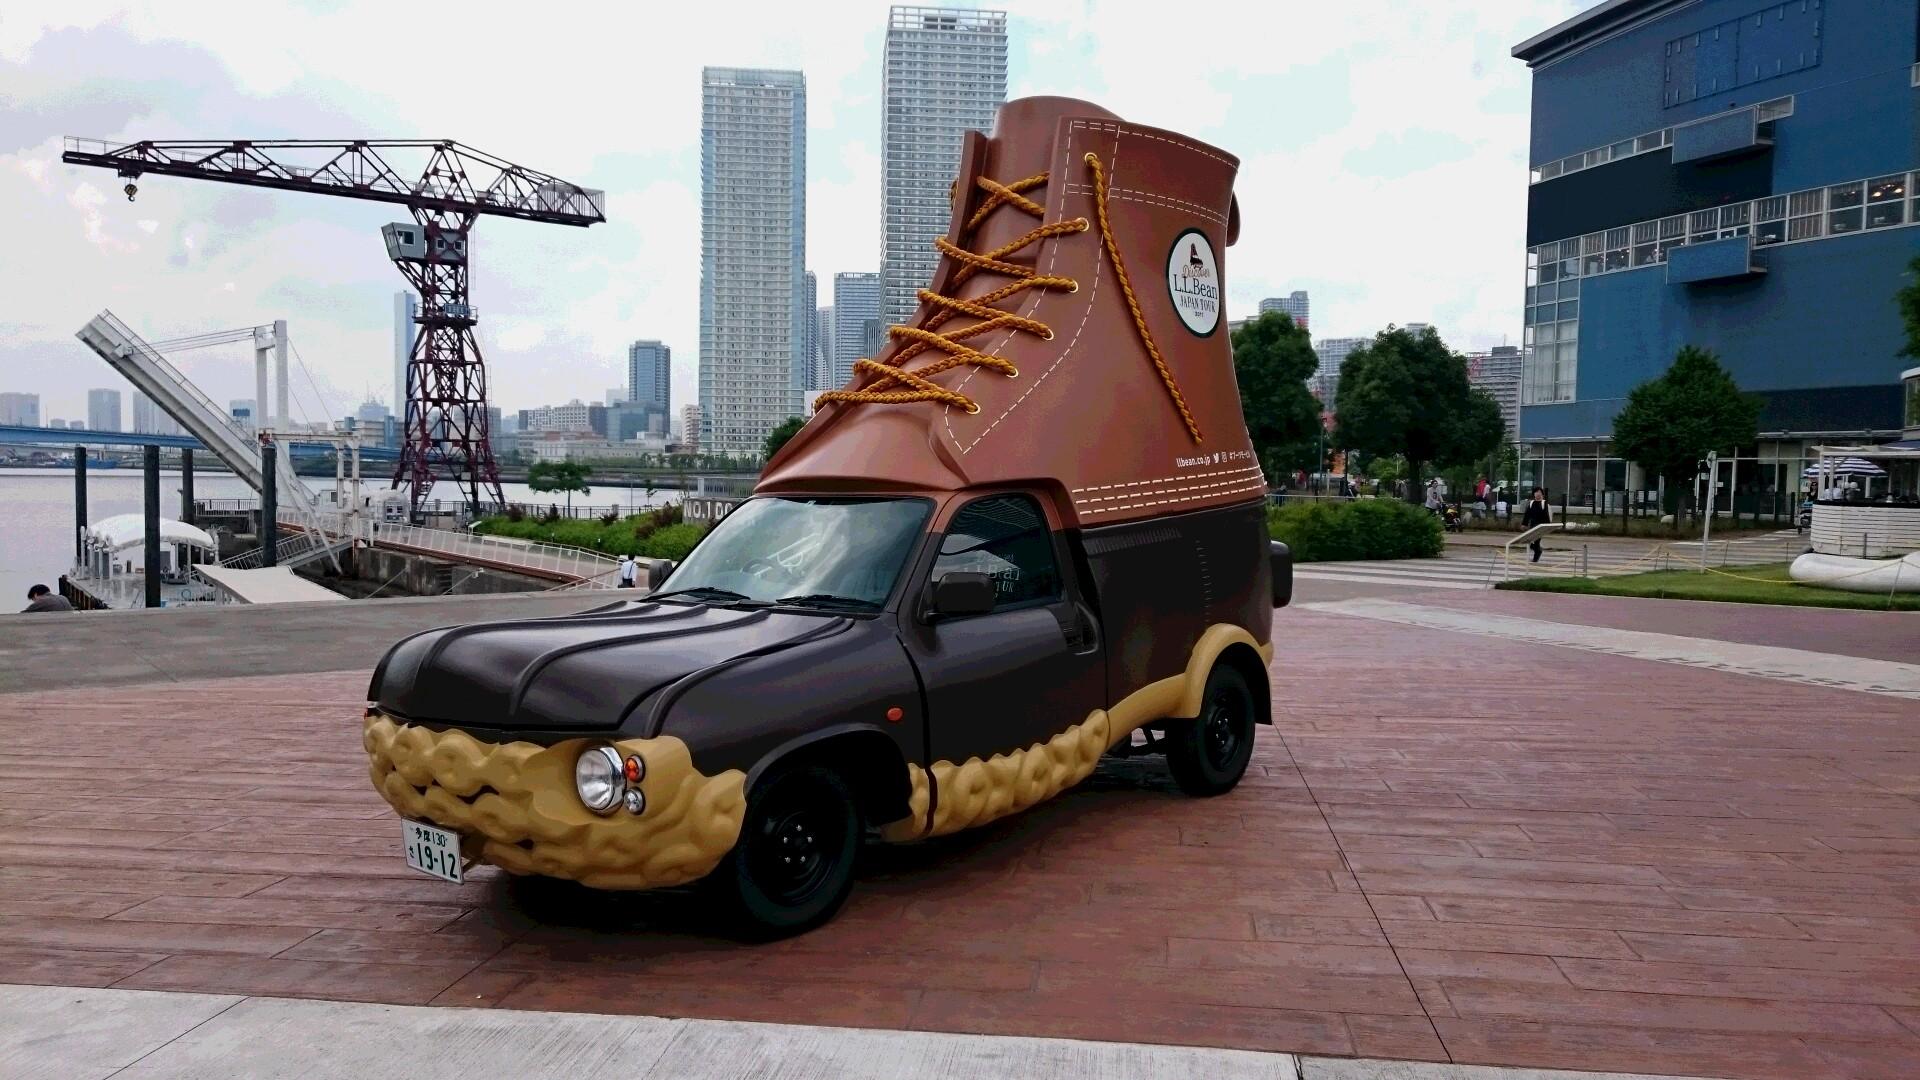 ブーツモービル来てます